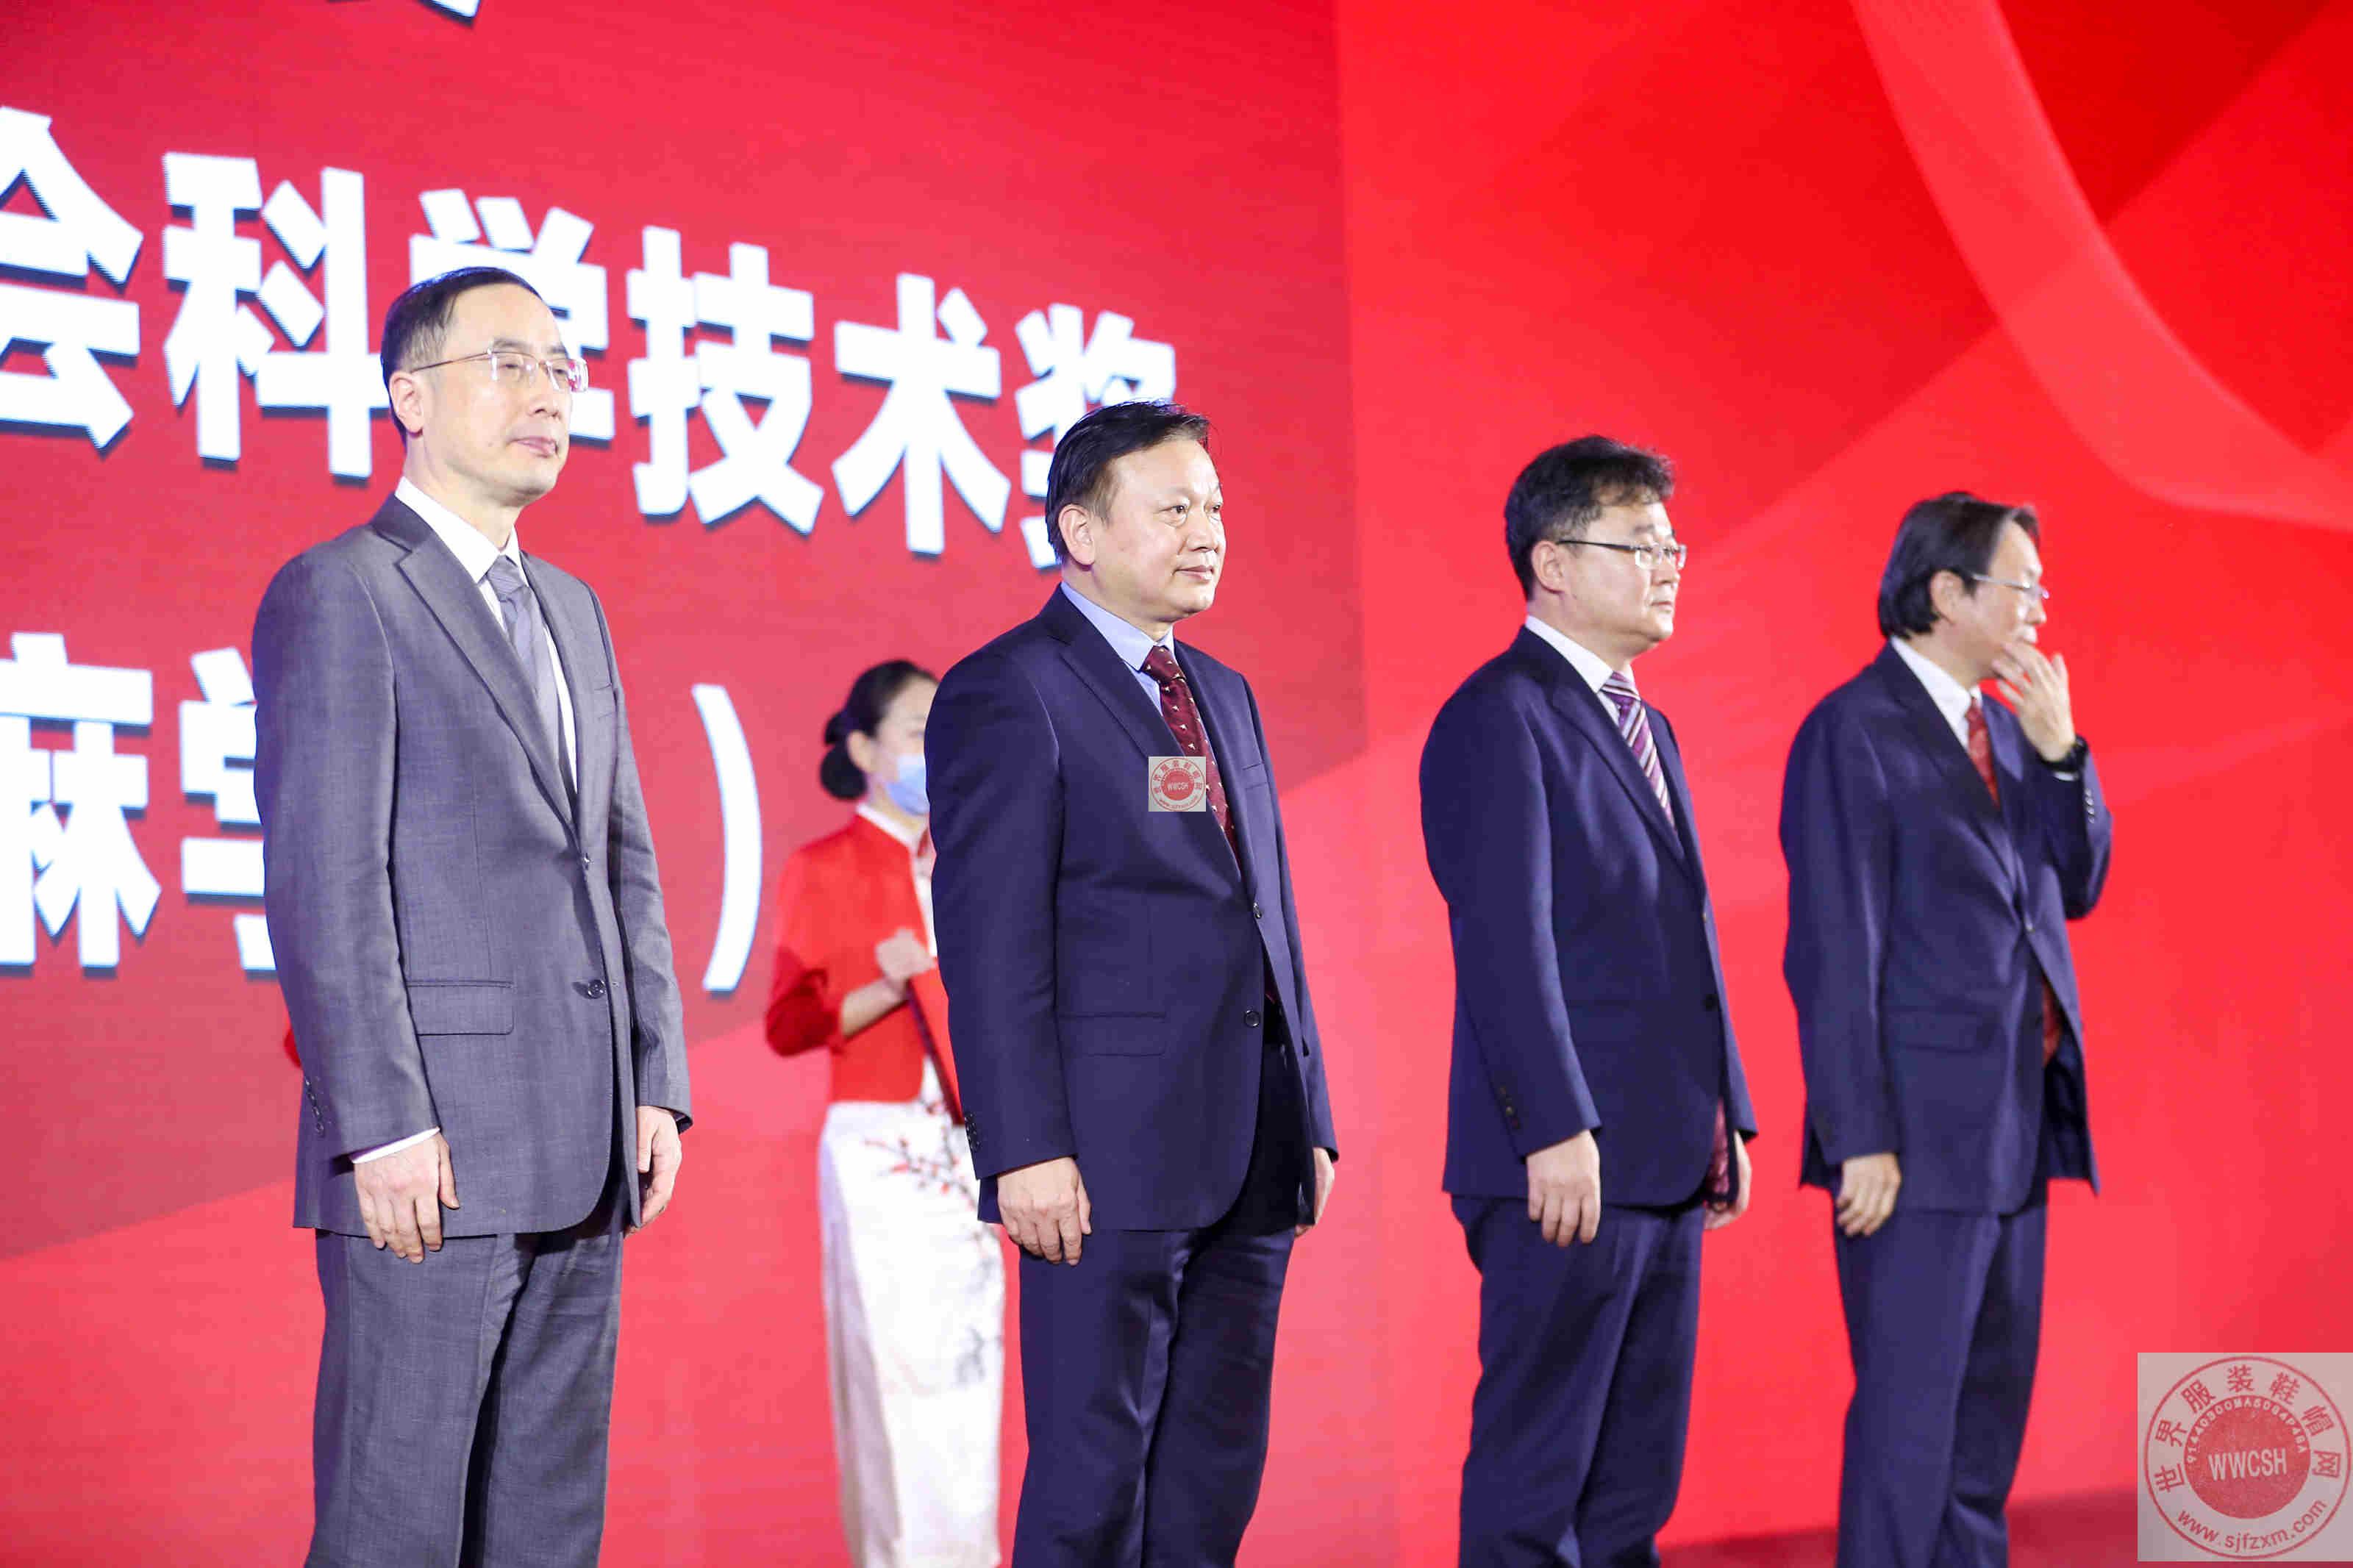 中国纺织大会在山西太原隆重召开五会合一彰显了纺织人的凝心聚力